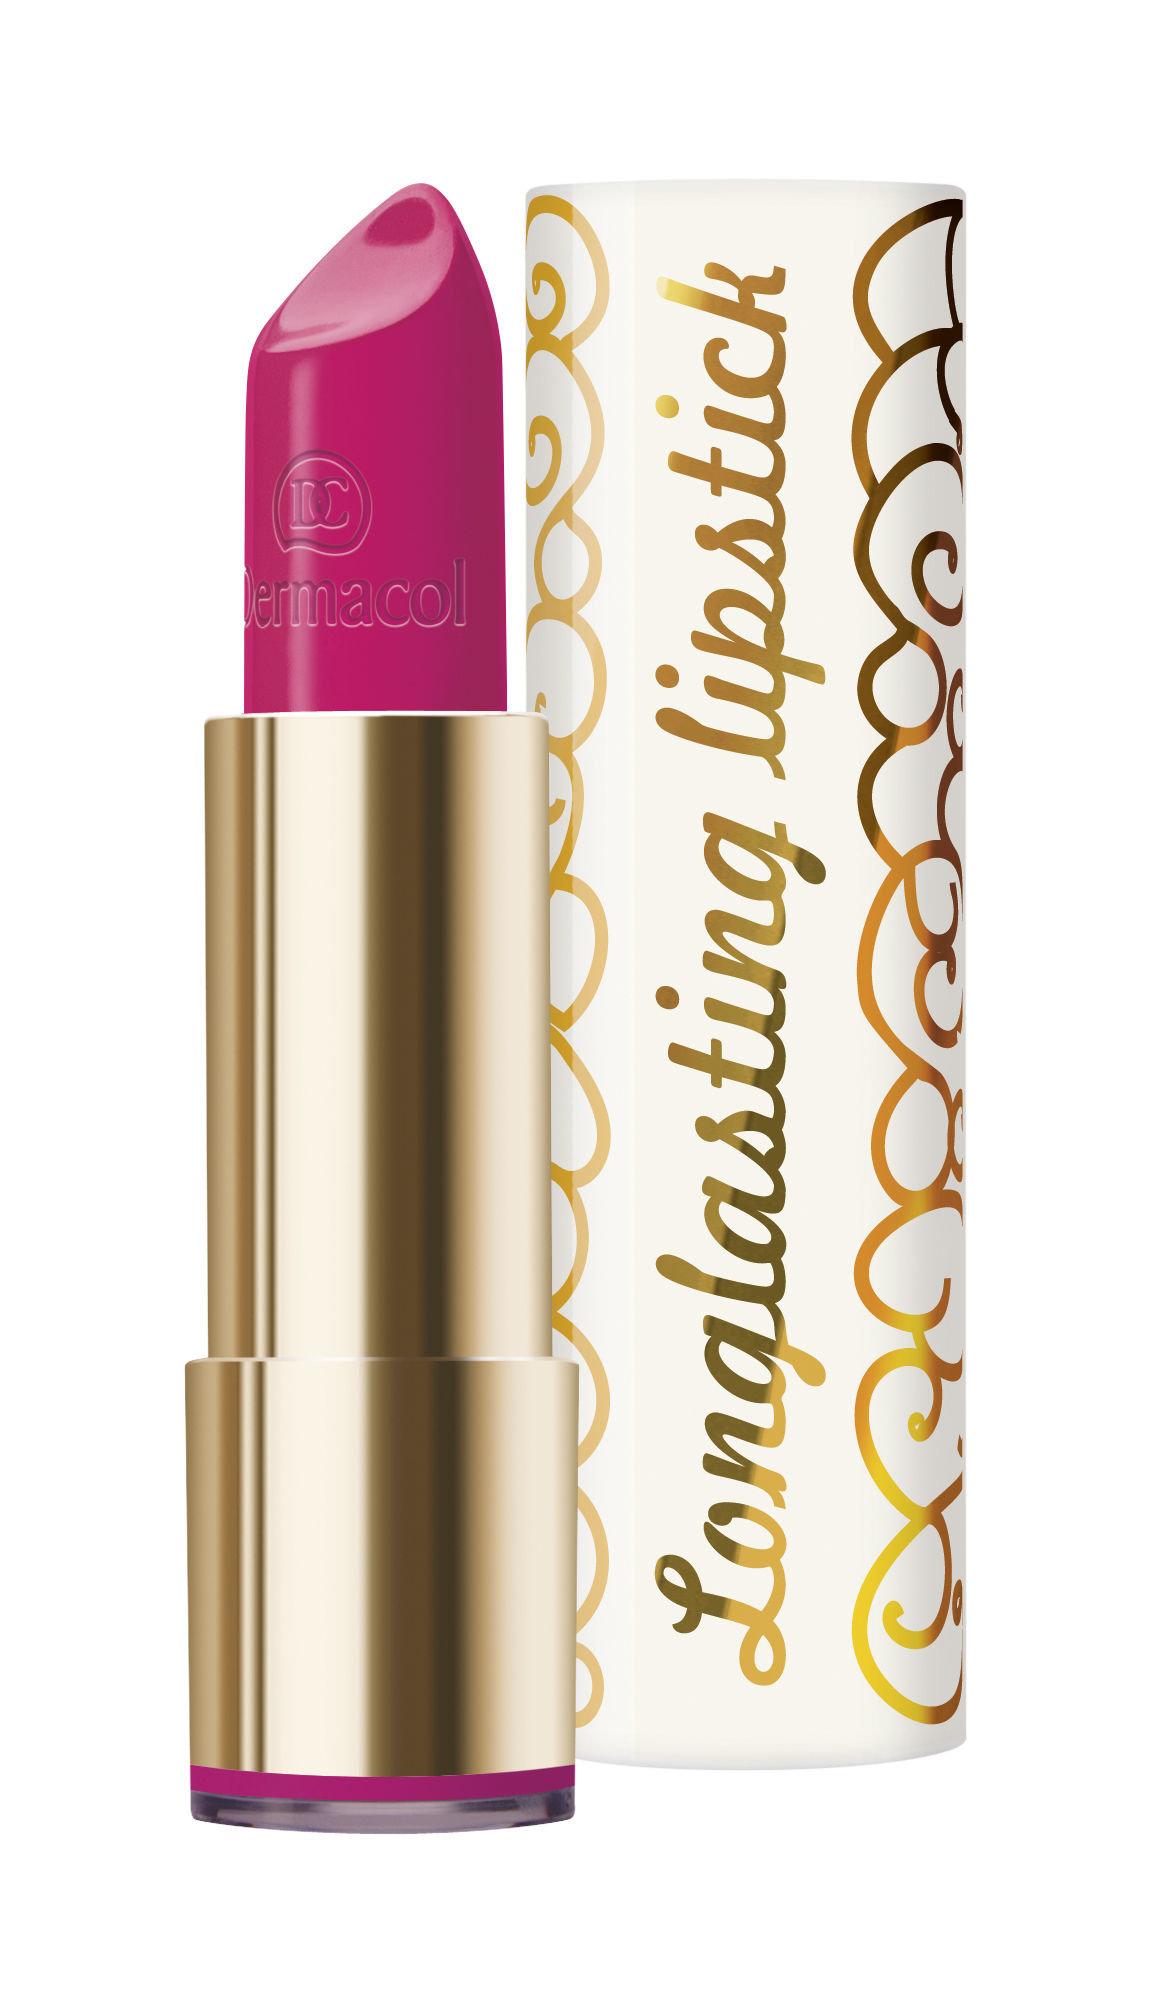 Dermacol Longlasting Cosmetic 4,8ml 05